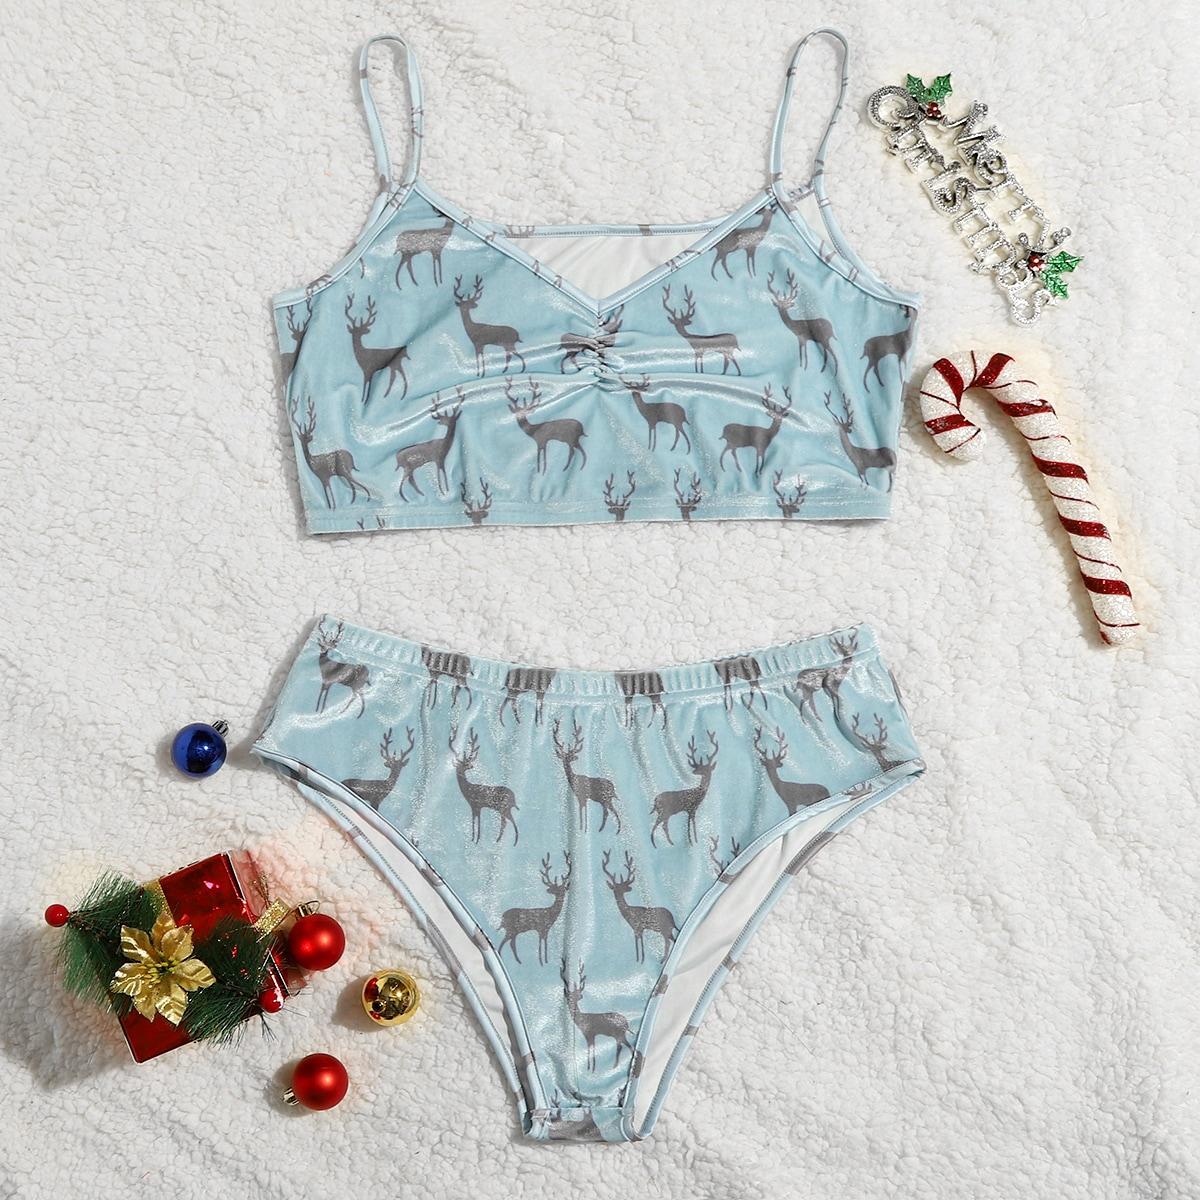 Комплект бархатного нижнего белья размера плюс с принтом рождественского оленя